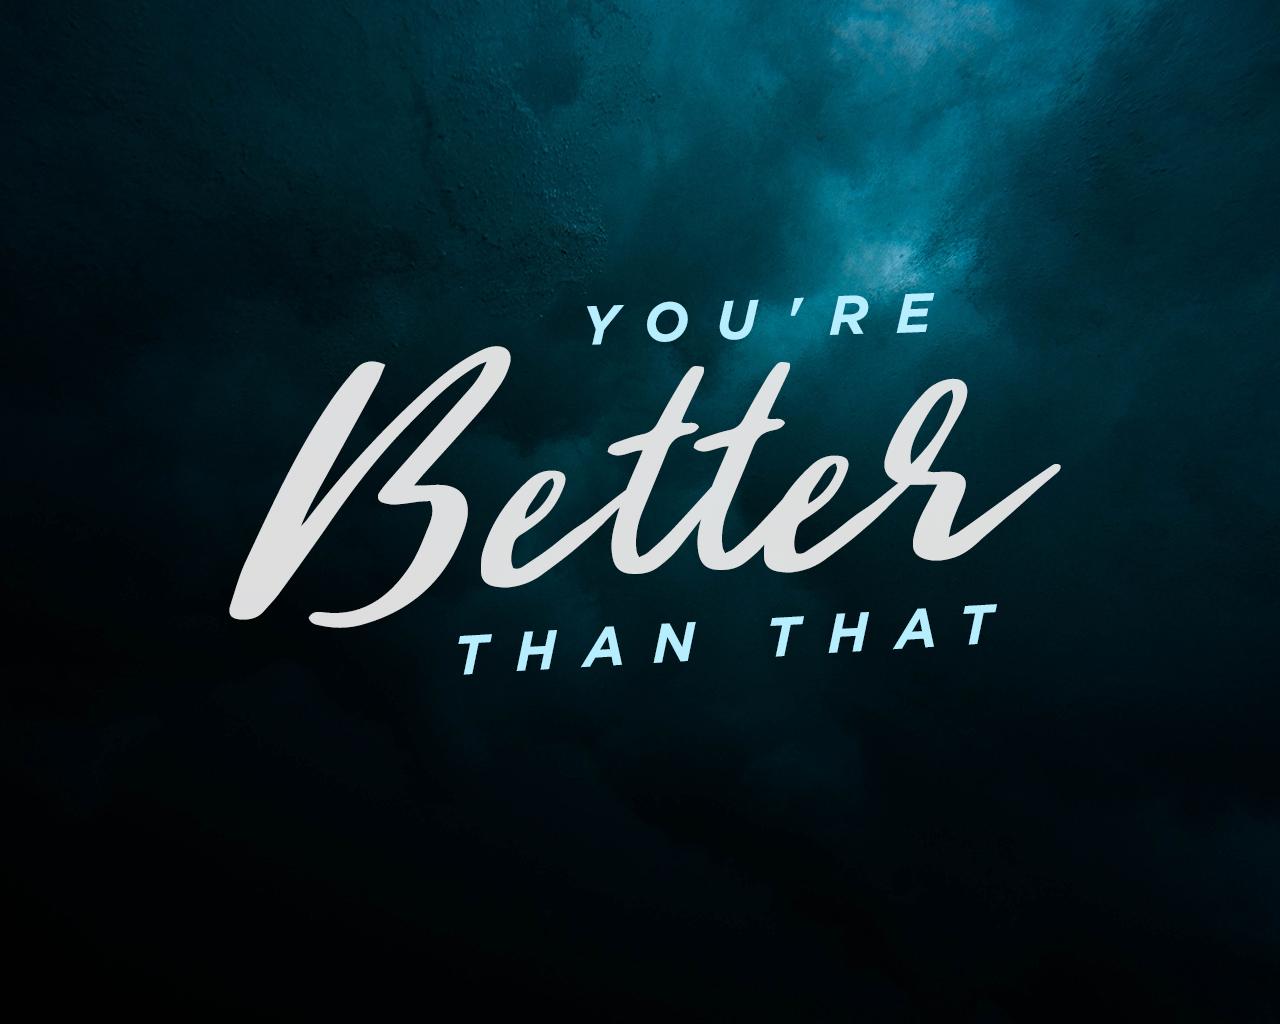 You'reBetterThanThat.jpg